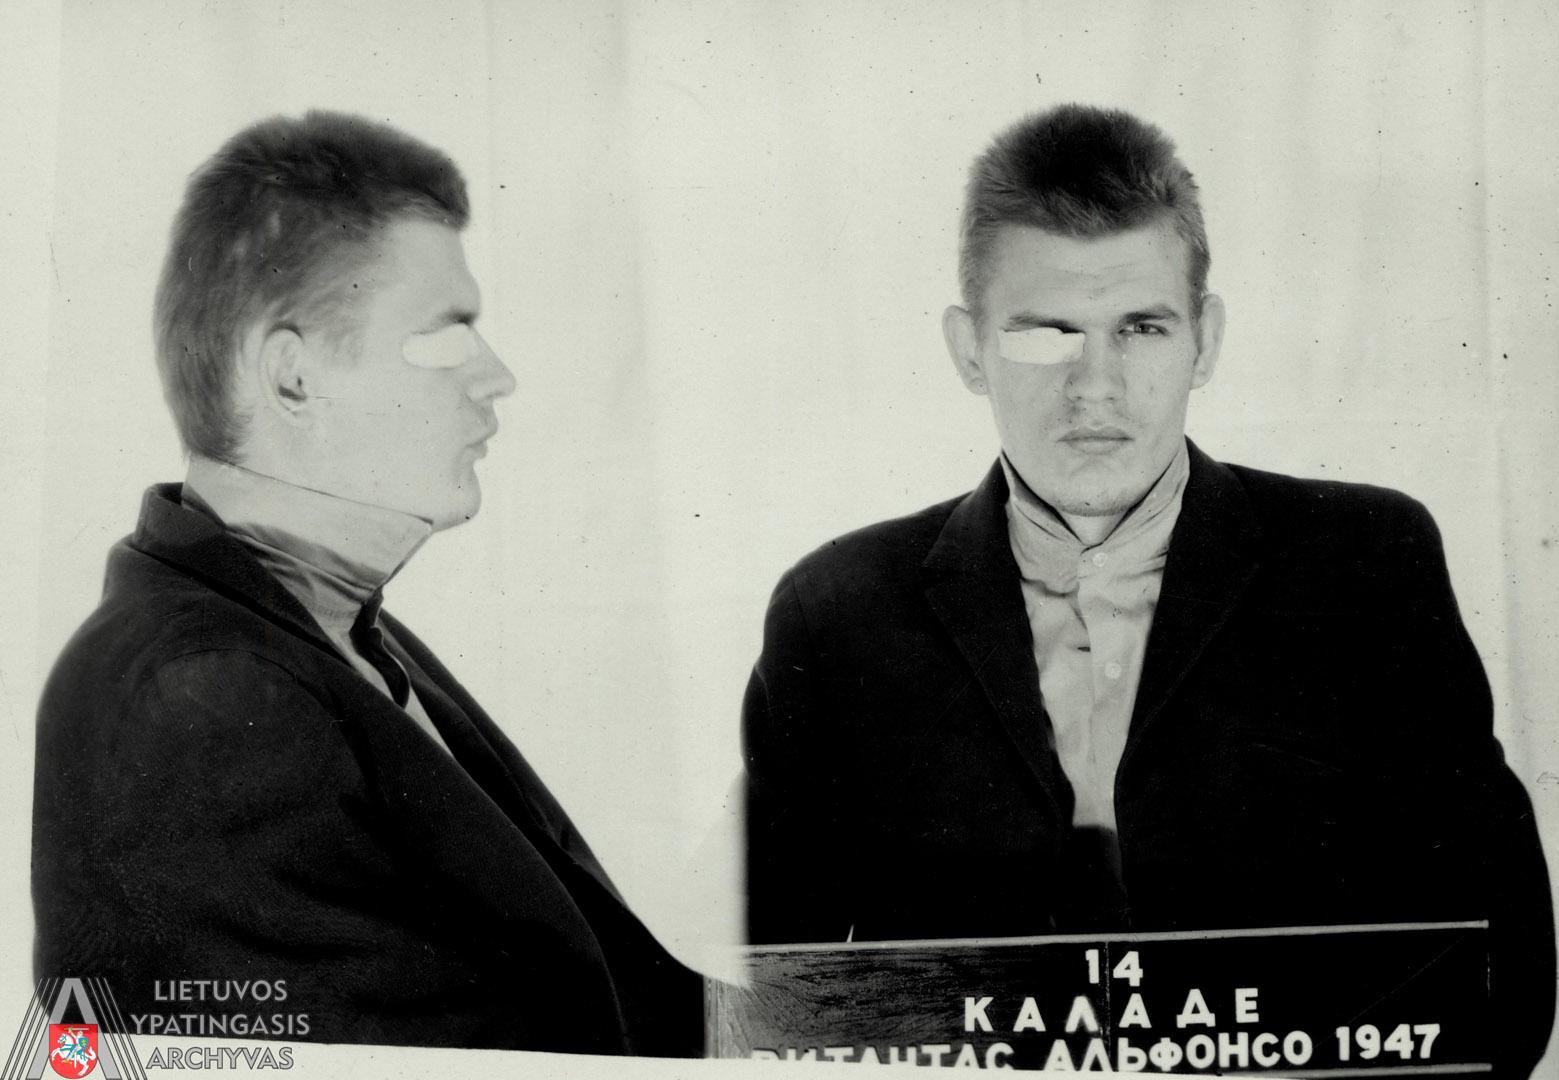 Vilniaus miesto Spalio rajono darbo žmonių deputatų tarybos Vykdomojo komiteto Vidaus reikalų skyriuje 1972 m. gegužės 19 d. daryta suimtojo Vytauto Kaladės nuotrauka. Lietuvos ypatingasis archyvas, f. K-1, ap. 58, b. 47644/3, t. 1, l. 104